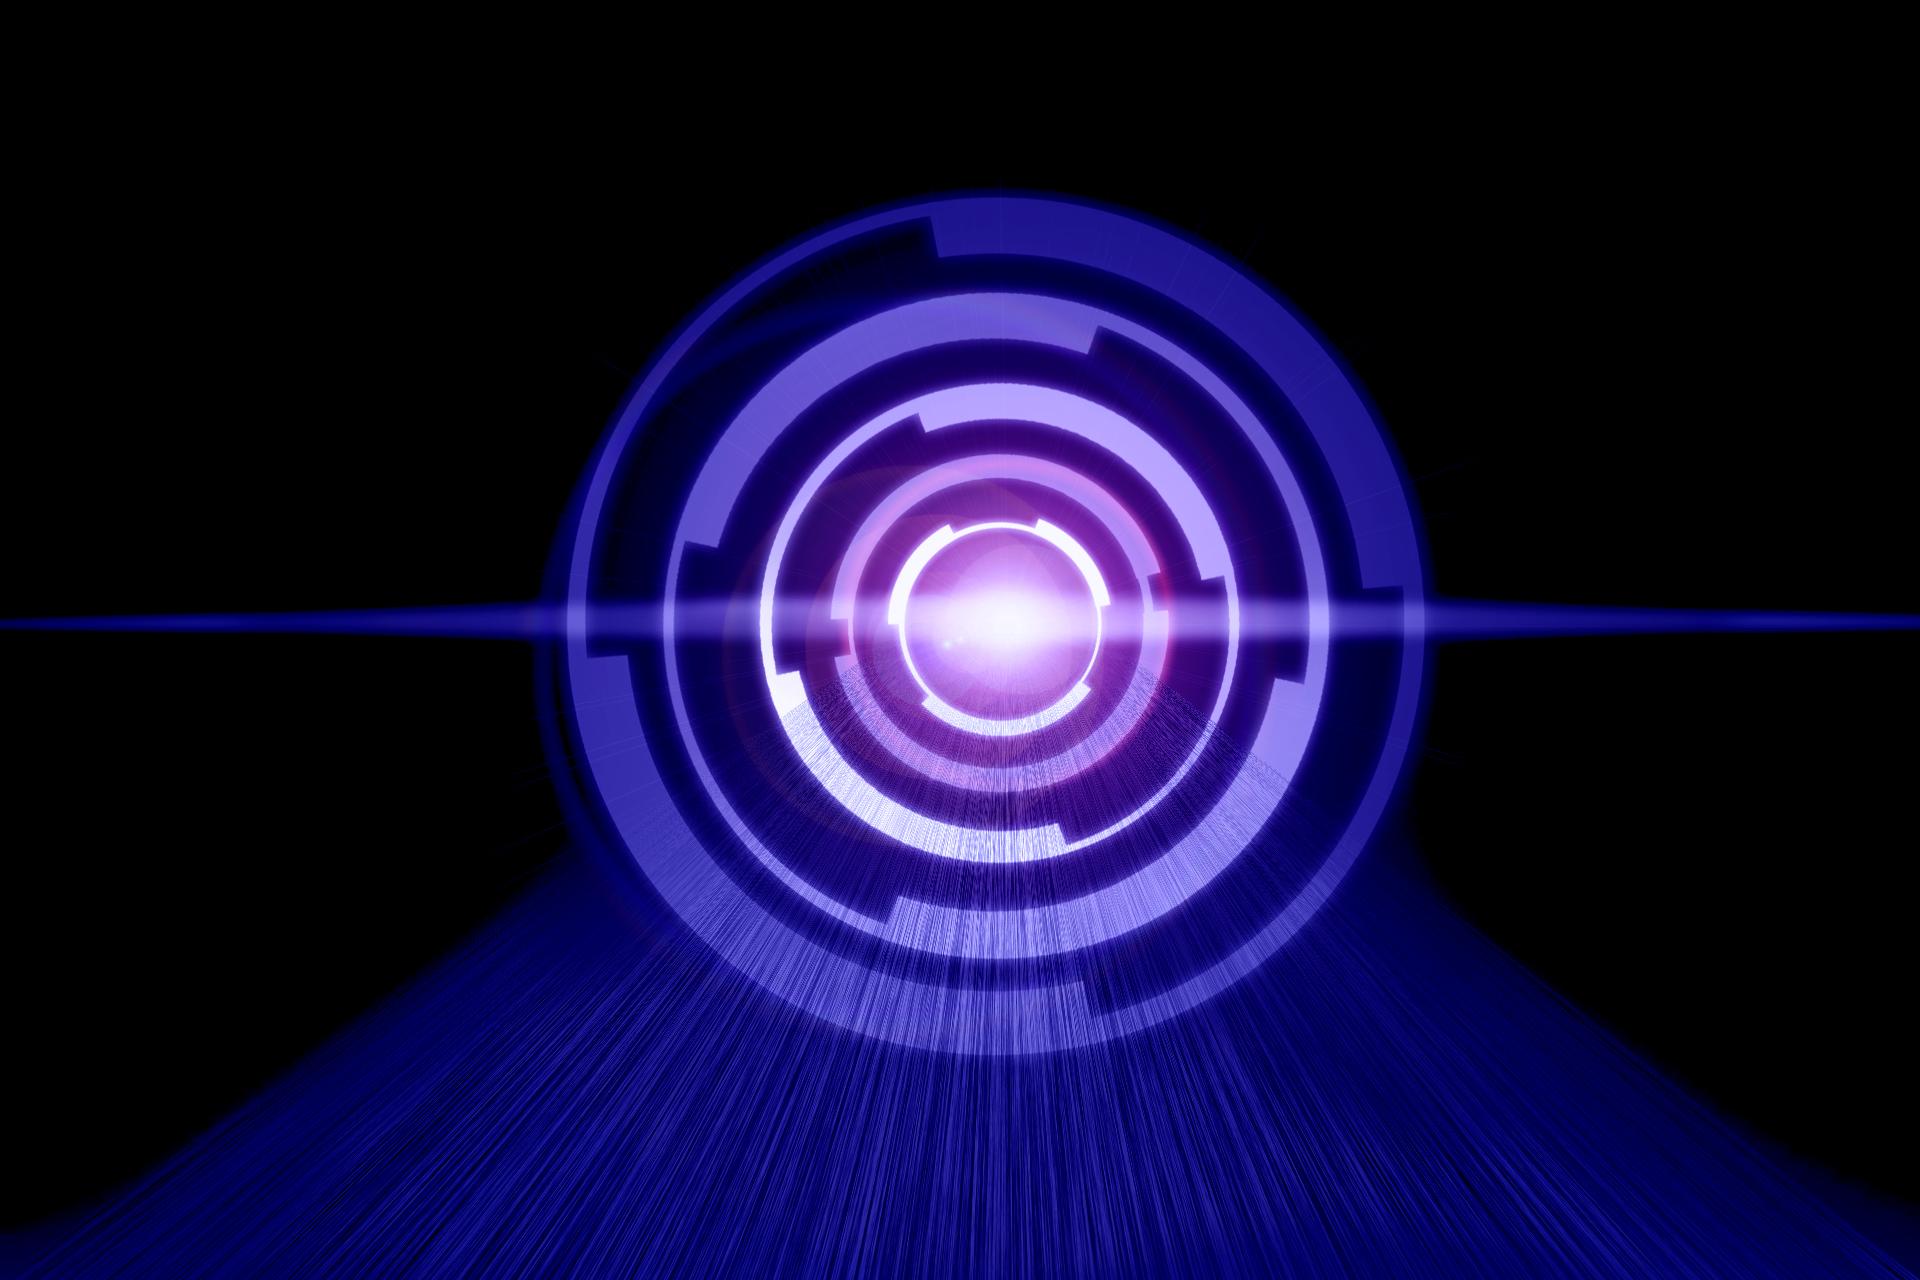 Black And Blue Tech Wallpaper: Dark Blue Tech 1920x1280 HD By Txvirus On DeviantArt